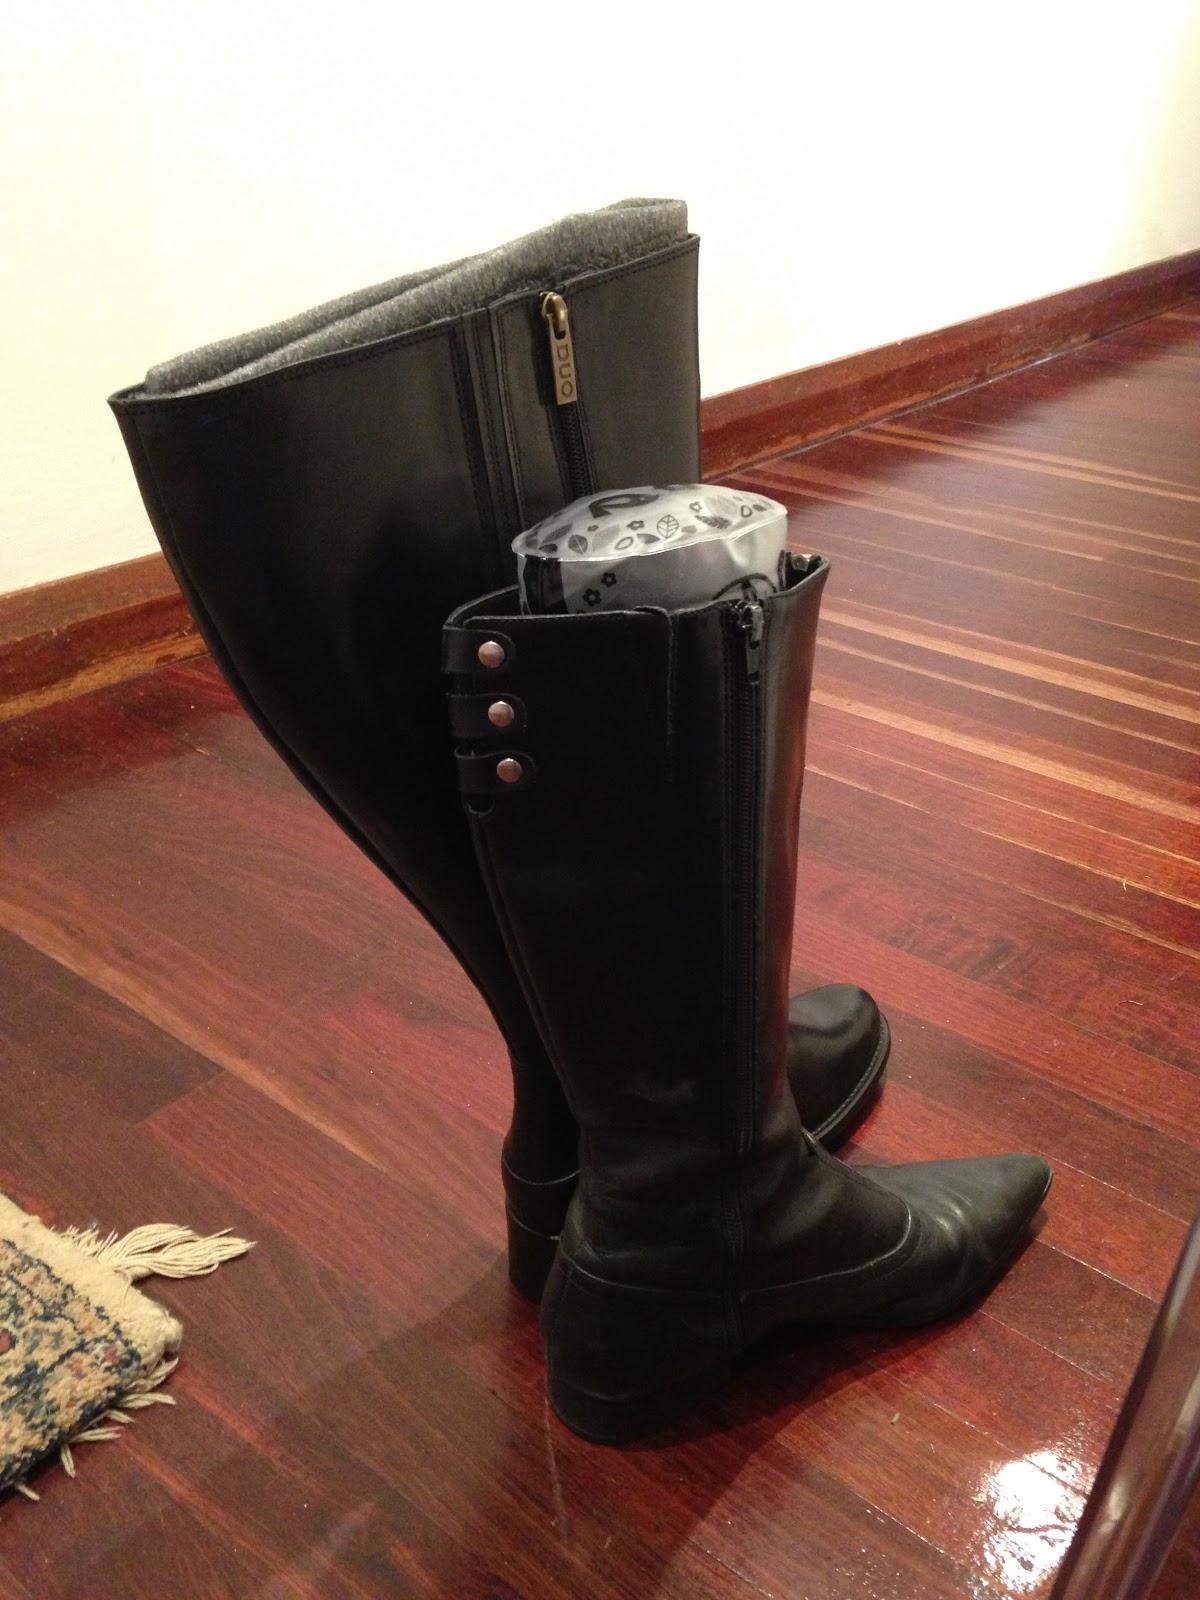 Rockport boot fetish something